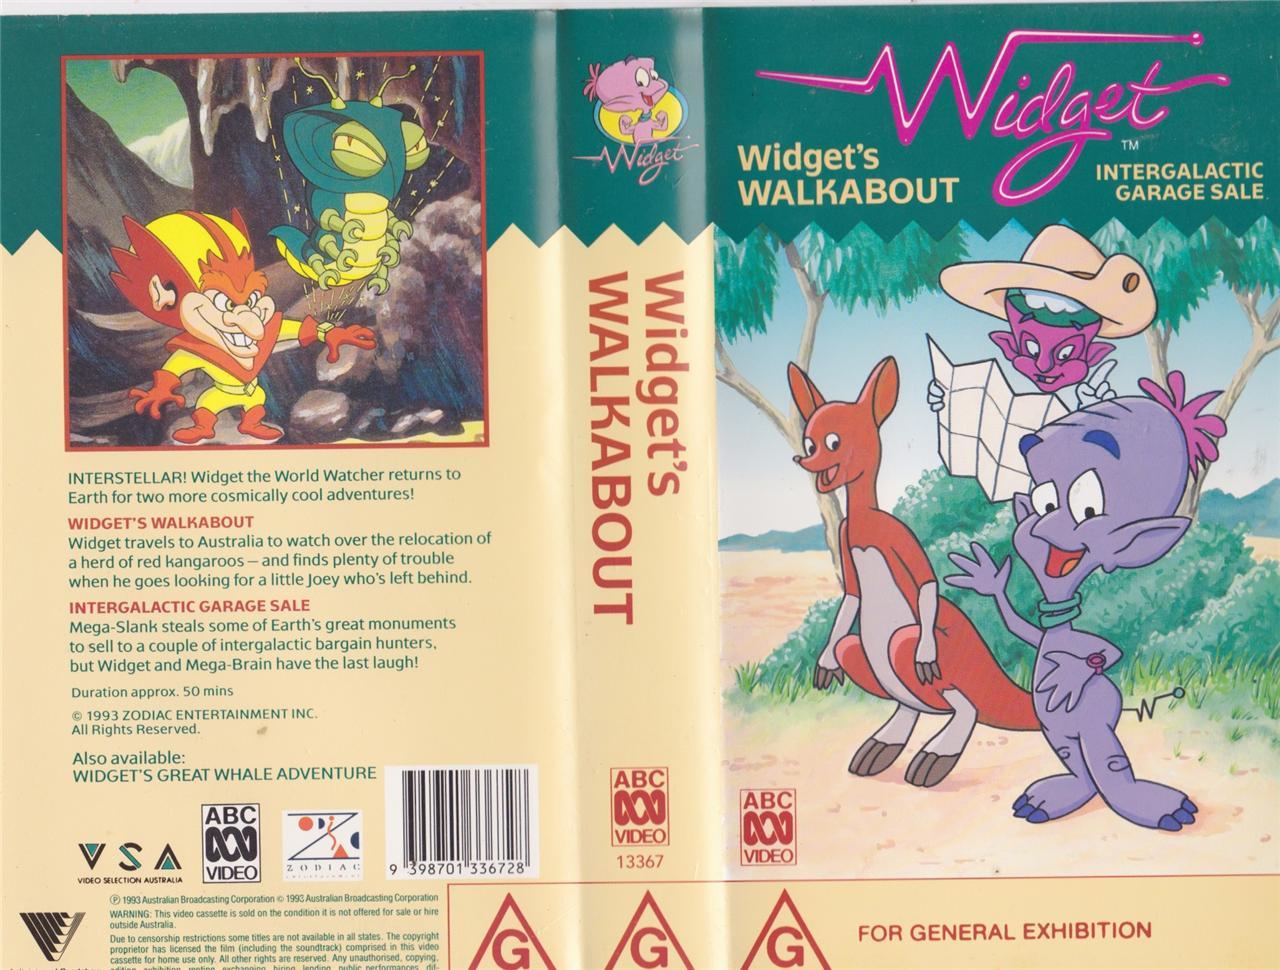 Widget the World Watcher Details